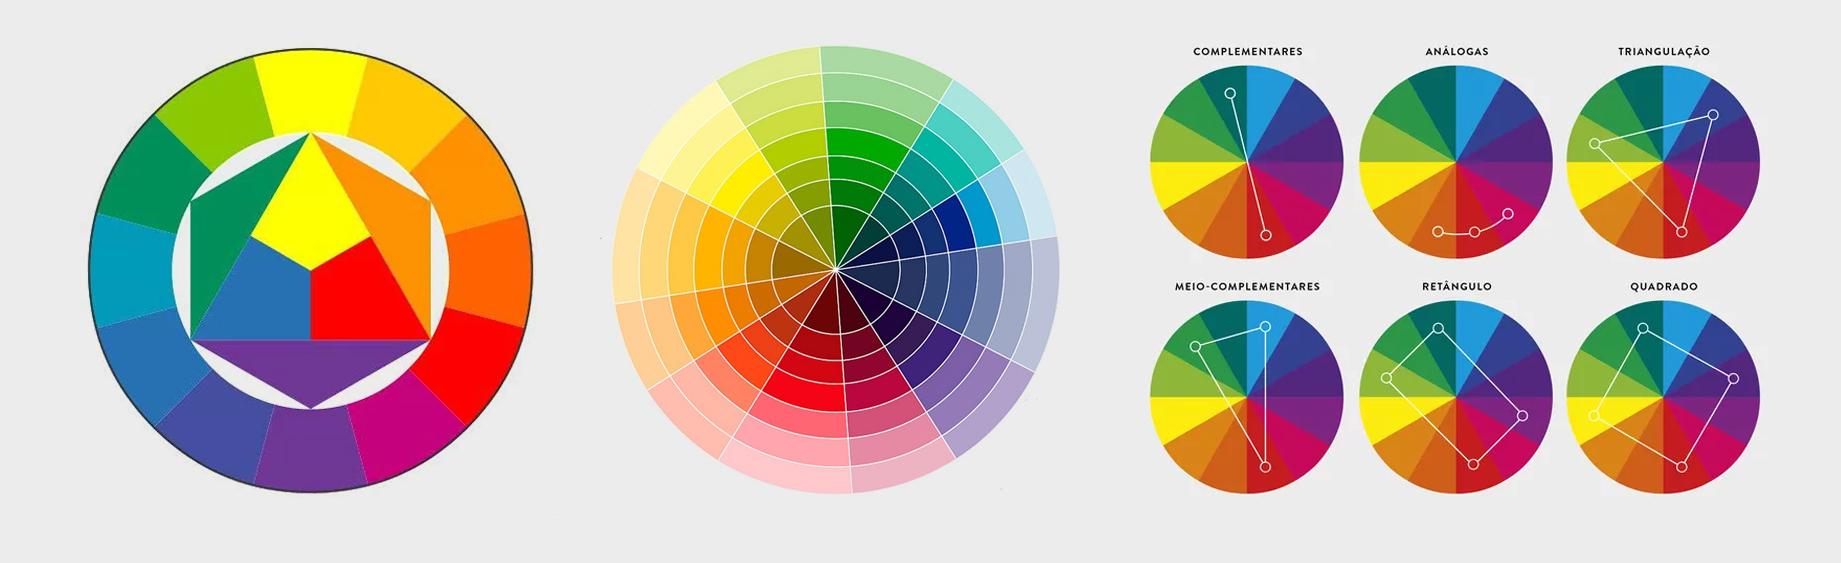 Circulo Cromatico Blog Do Avmakers